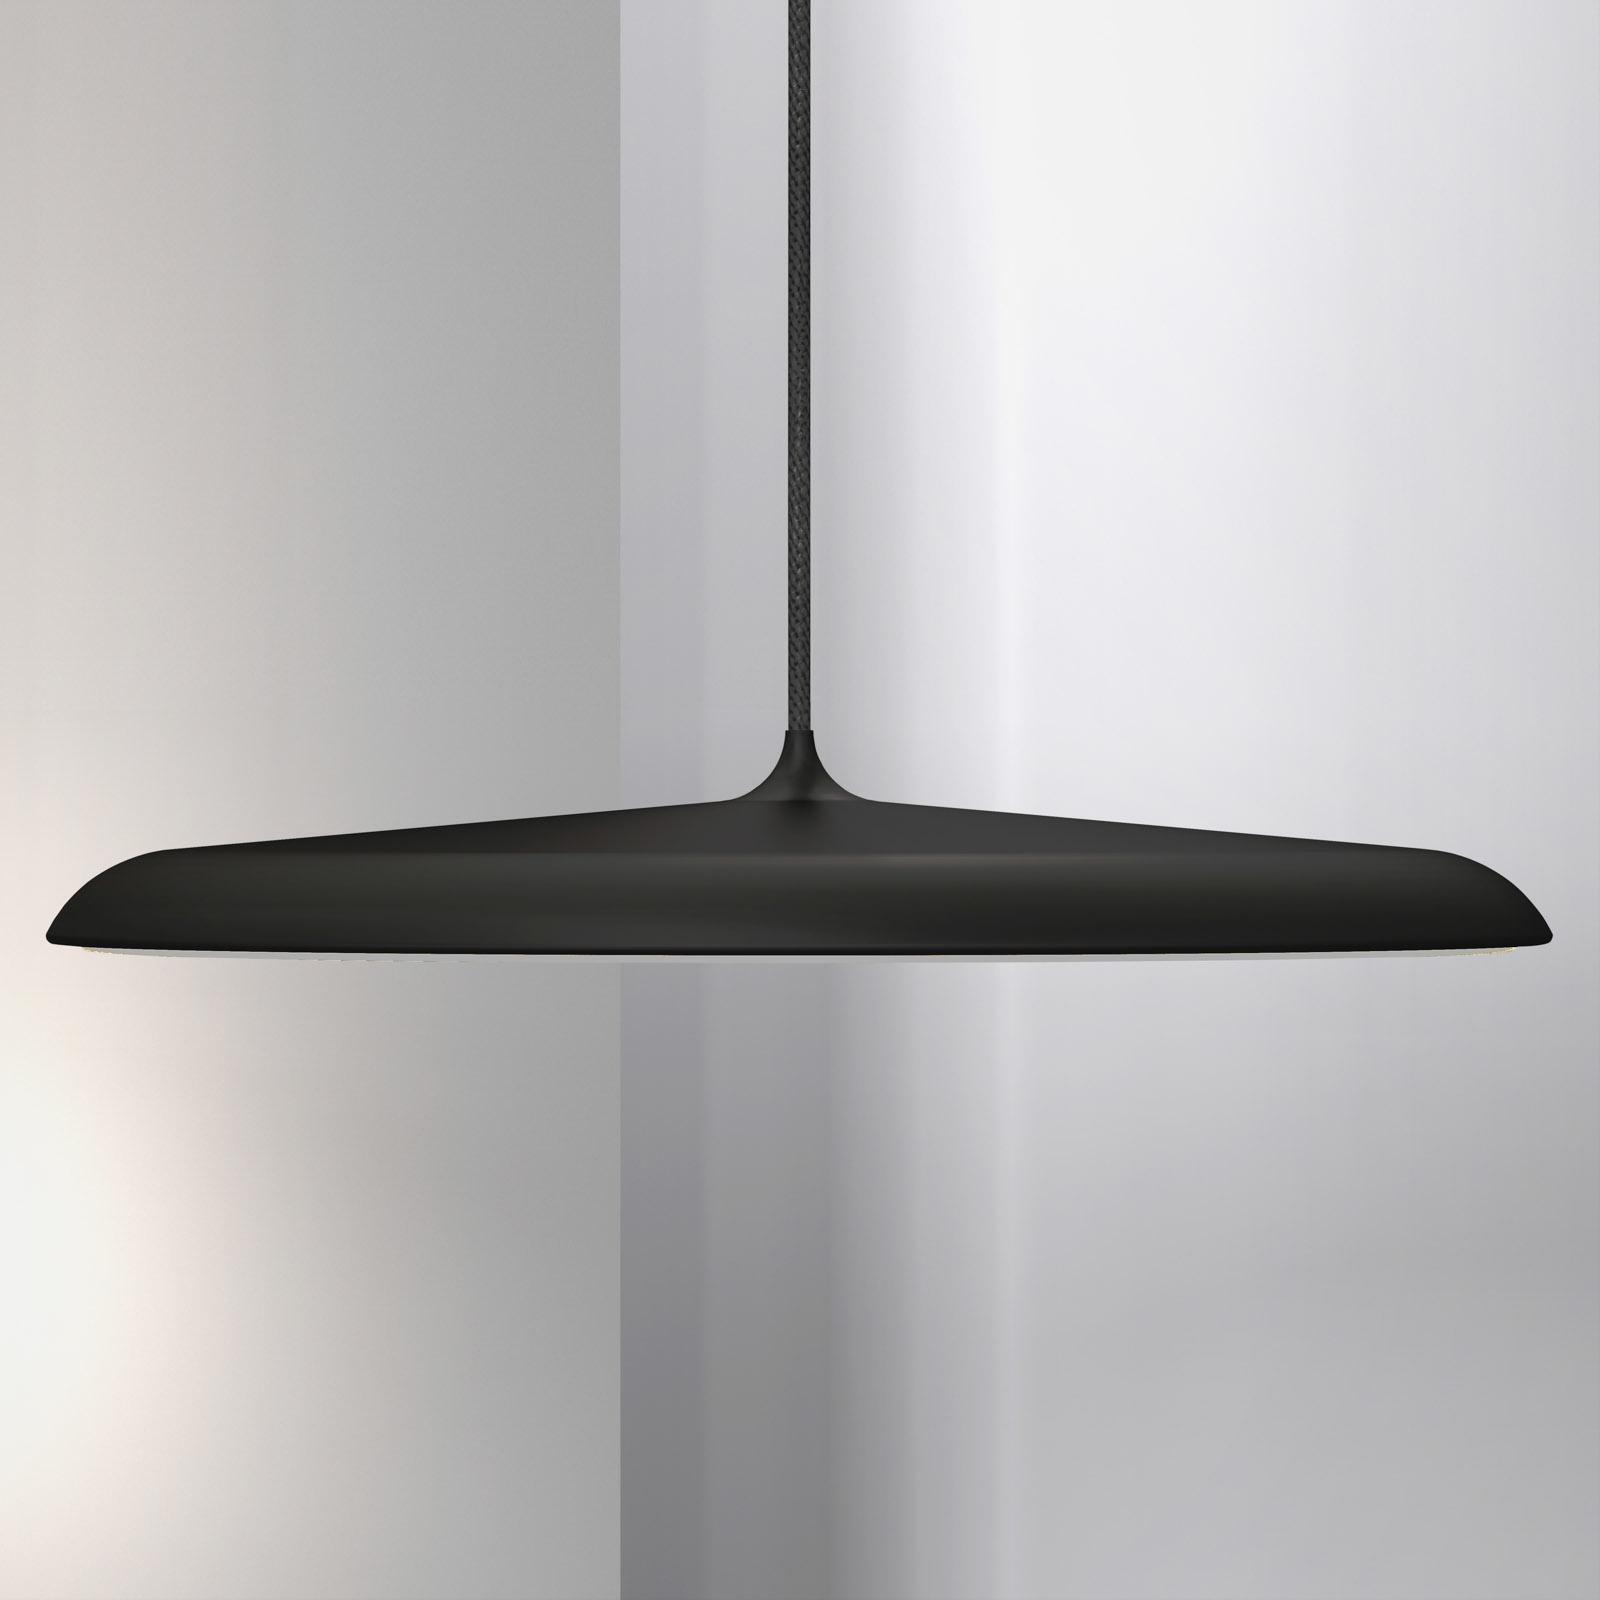 Artist LED-hengelampe, Ø 40 cm, svart